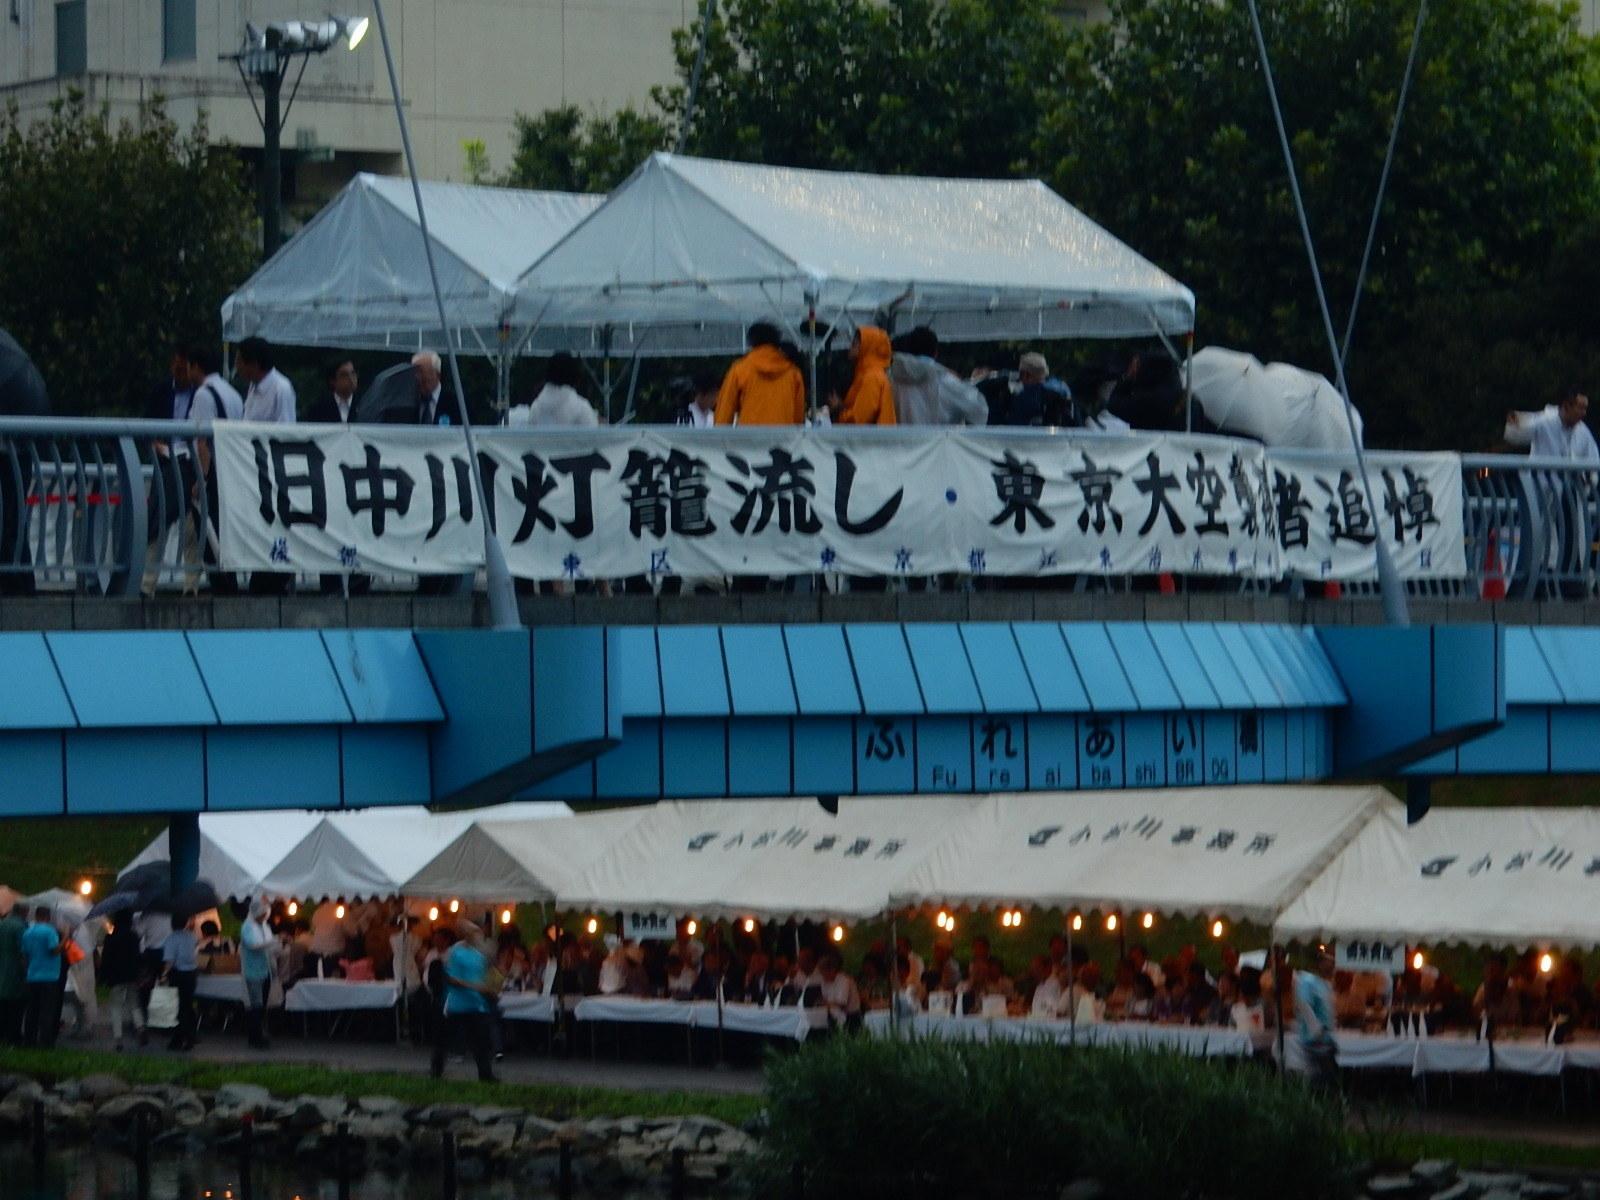 旧中川灯籠流し・東京大空襲犠牲者慰霊追悼